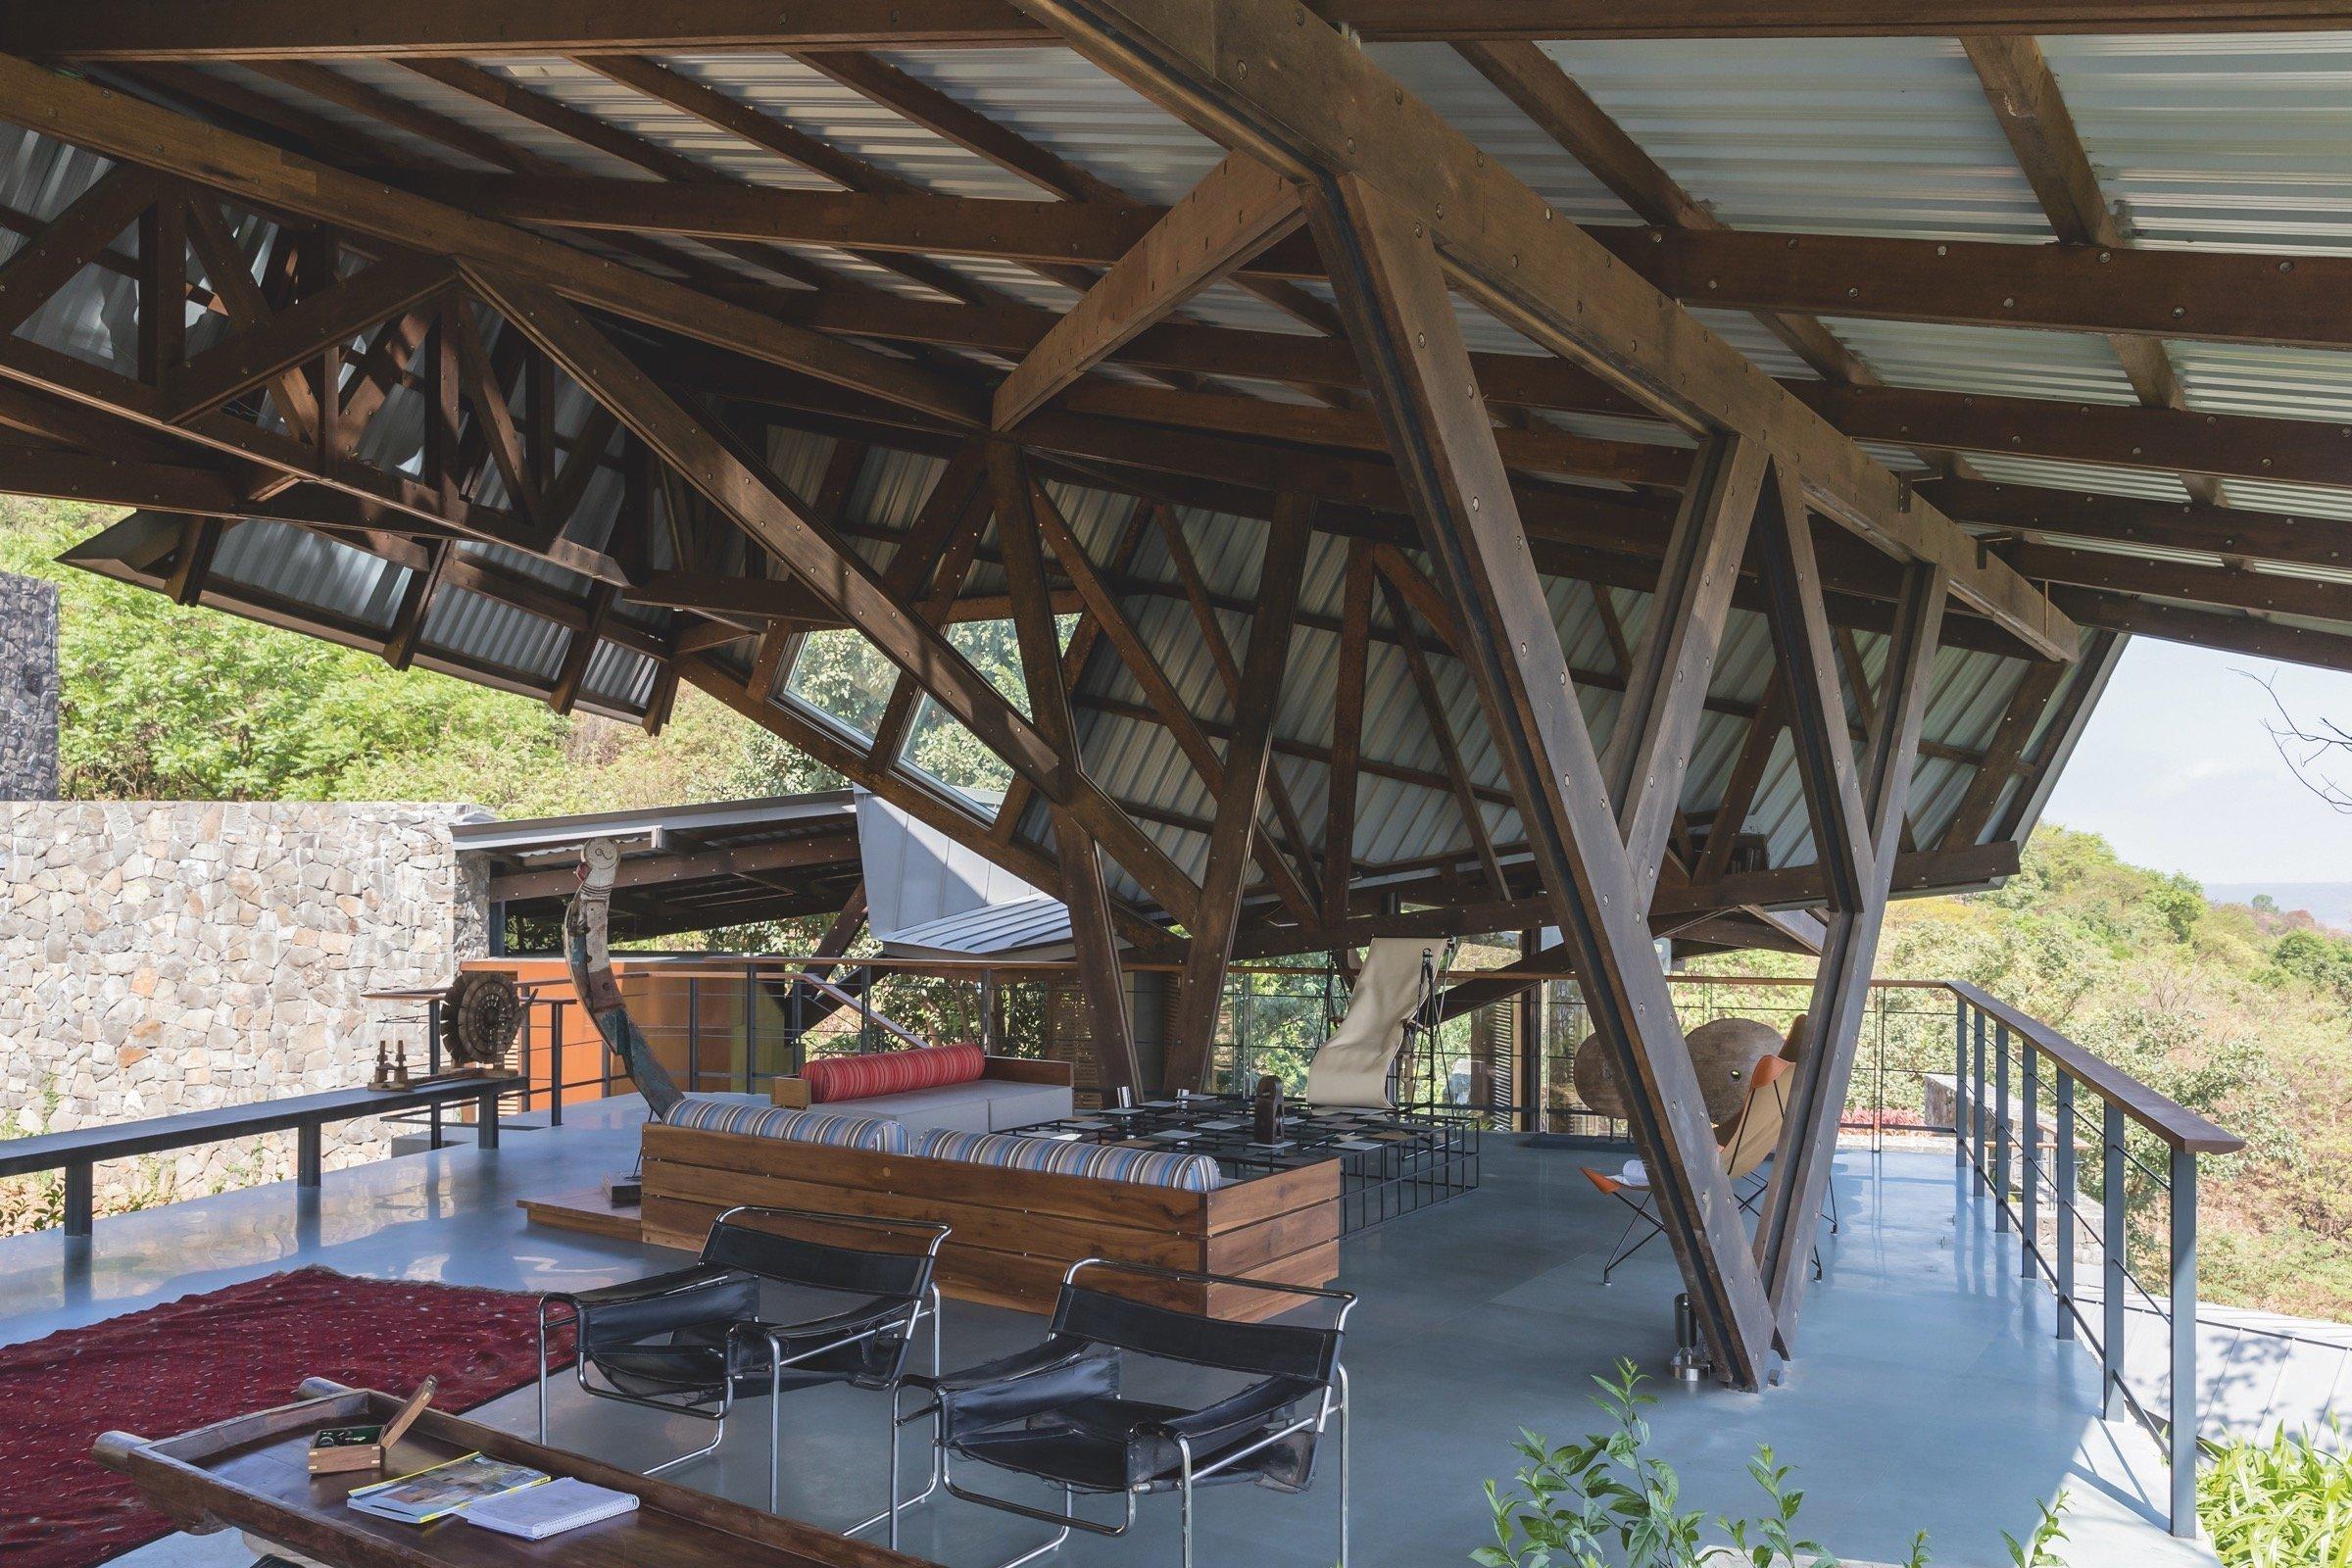 Na první pohled působí tato luxusní rezidence kaskádovitě položená v kopcovitém terénu jako moderní pevnost. Ve skutečnosti poskytuje velkolepé víkendové útočiště pro rodiny architektonického dua otec a syn - Kamal Malik a Arjun Malik, kteří jsou zároveň autoři tohoto projektu.